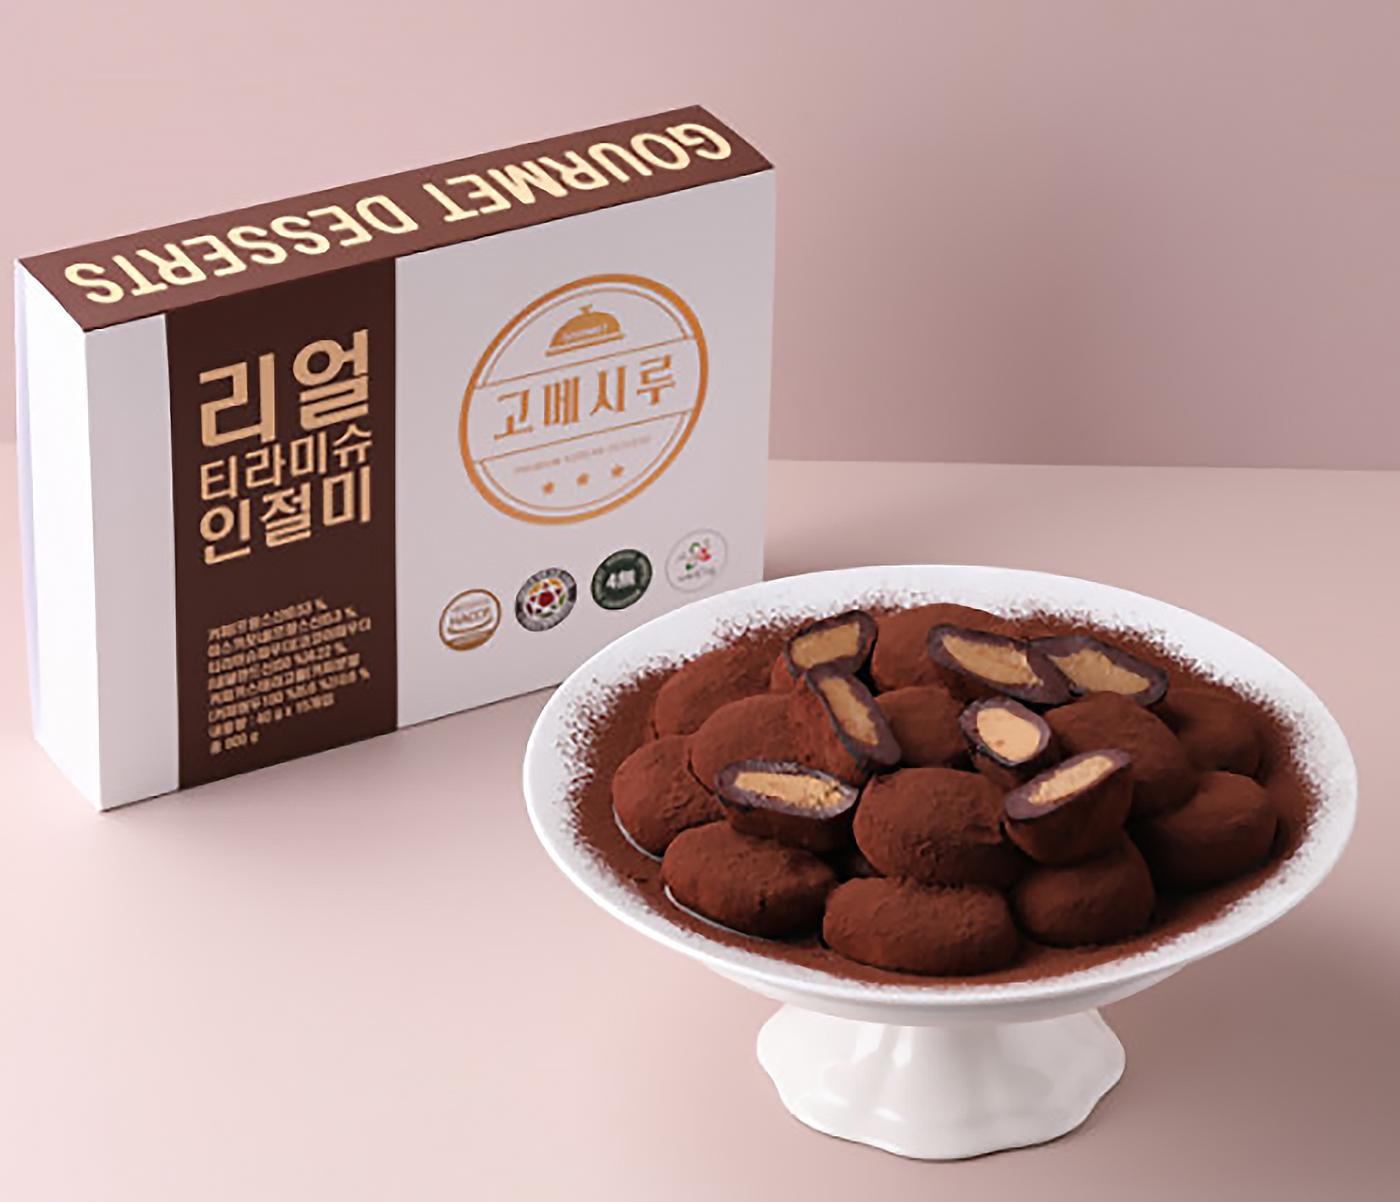 굳지 않는 리얼 티라미슈 인절미 모찌 찹쌀떡 (15입) 상세이미지6